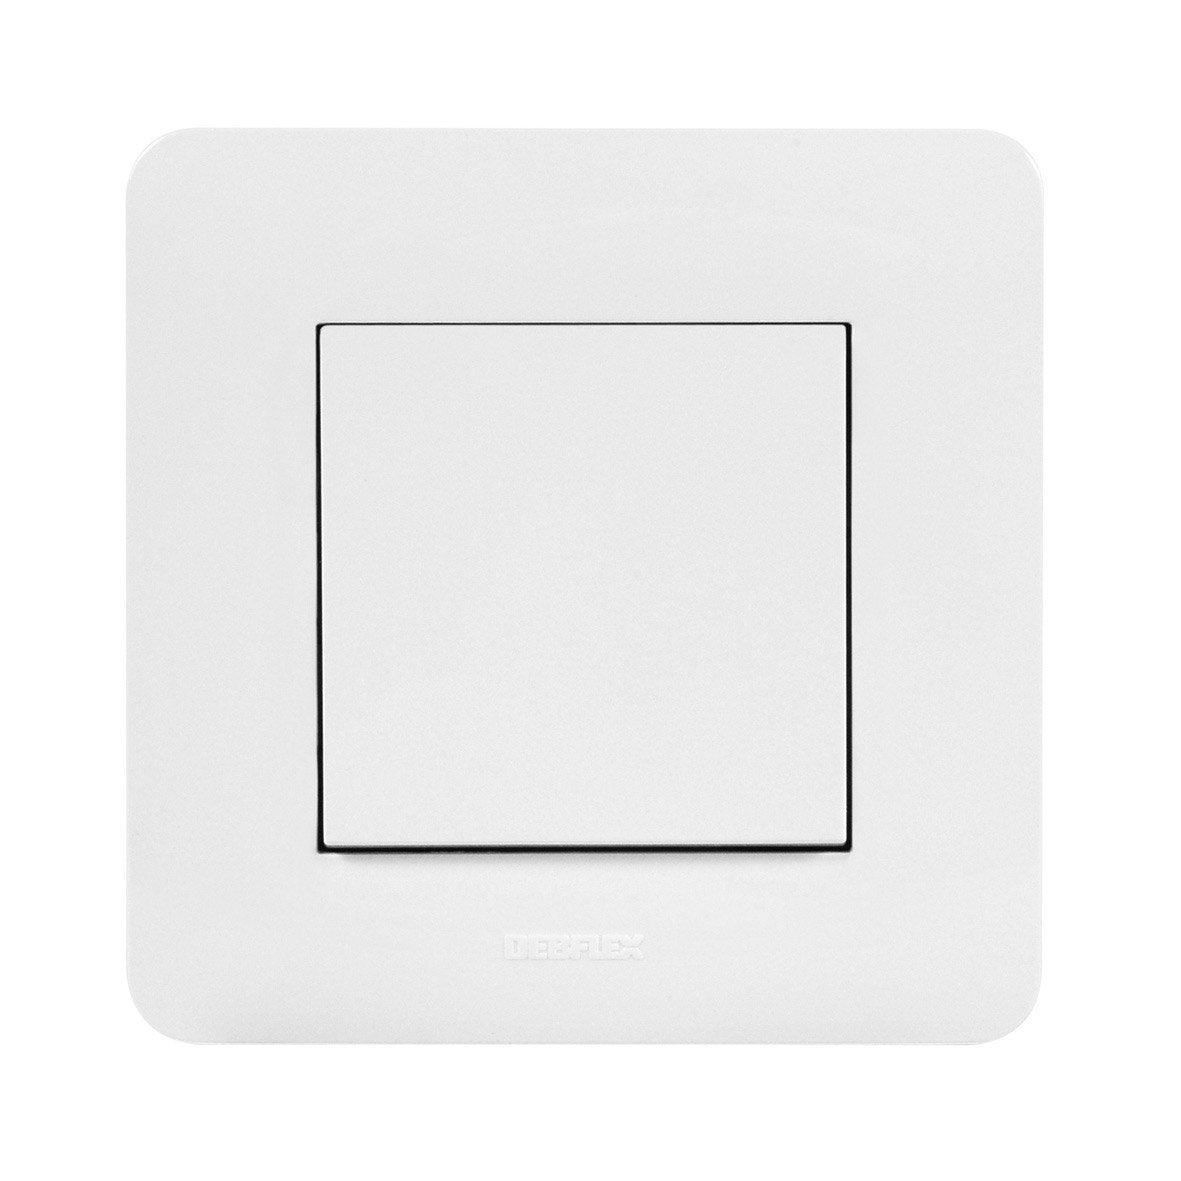 Interrupteur connect blanc 1 bouton sans pile sans fil - Objet connecte sans fil ...